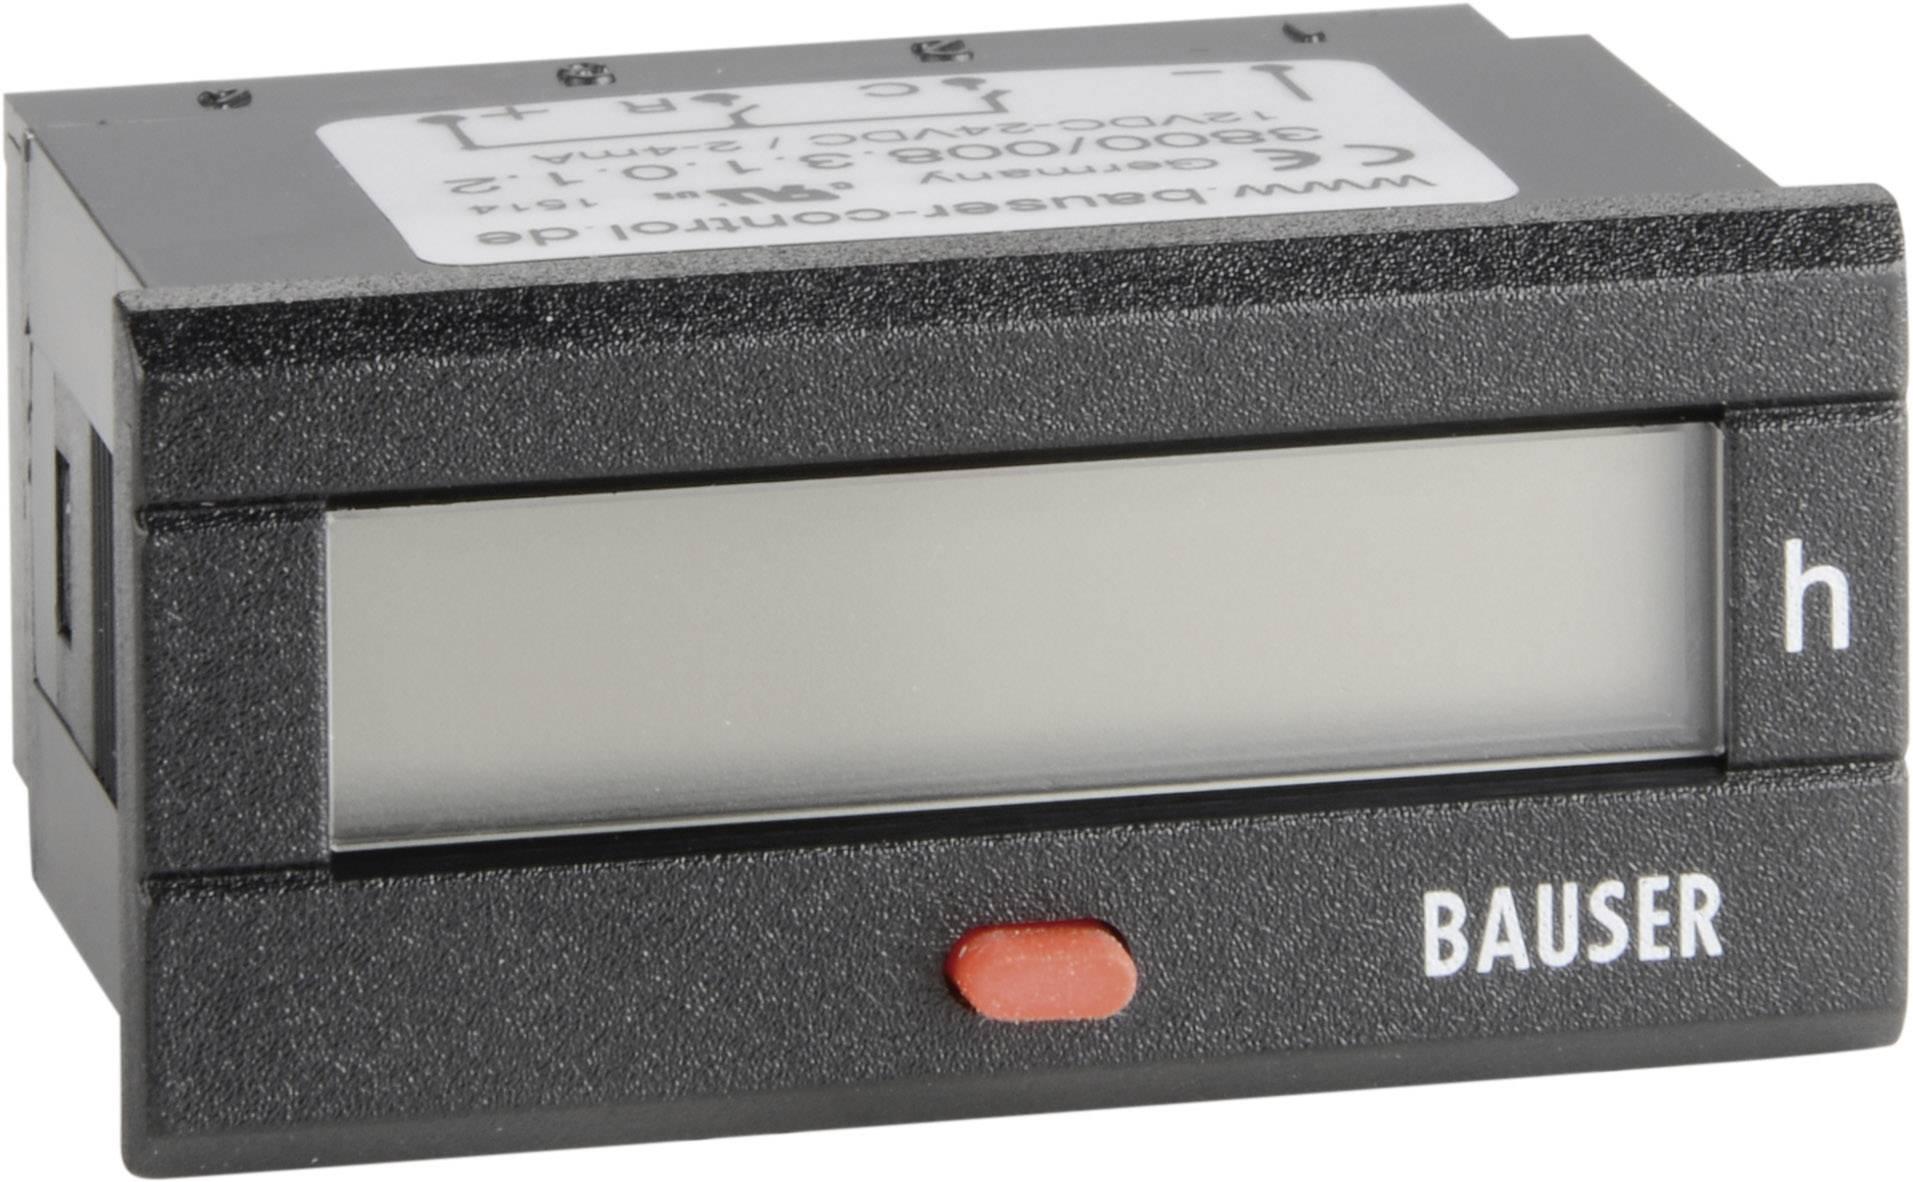 Počítadlo prevádzkových hodín Bauser 3800.3.1.0.1.2 DC, 12 - 24 VDC, 45 x 22 mm, IP54